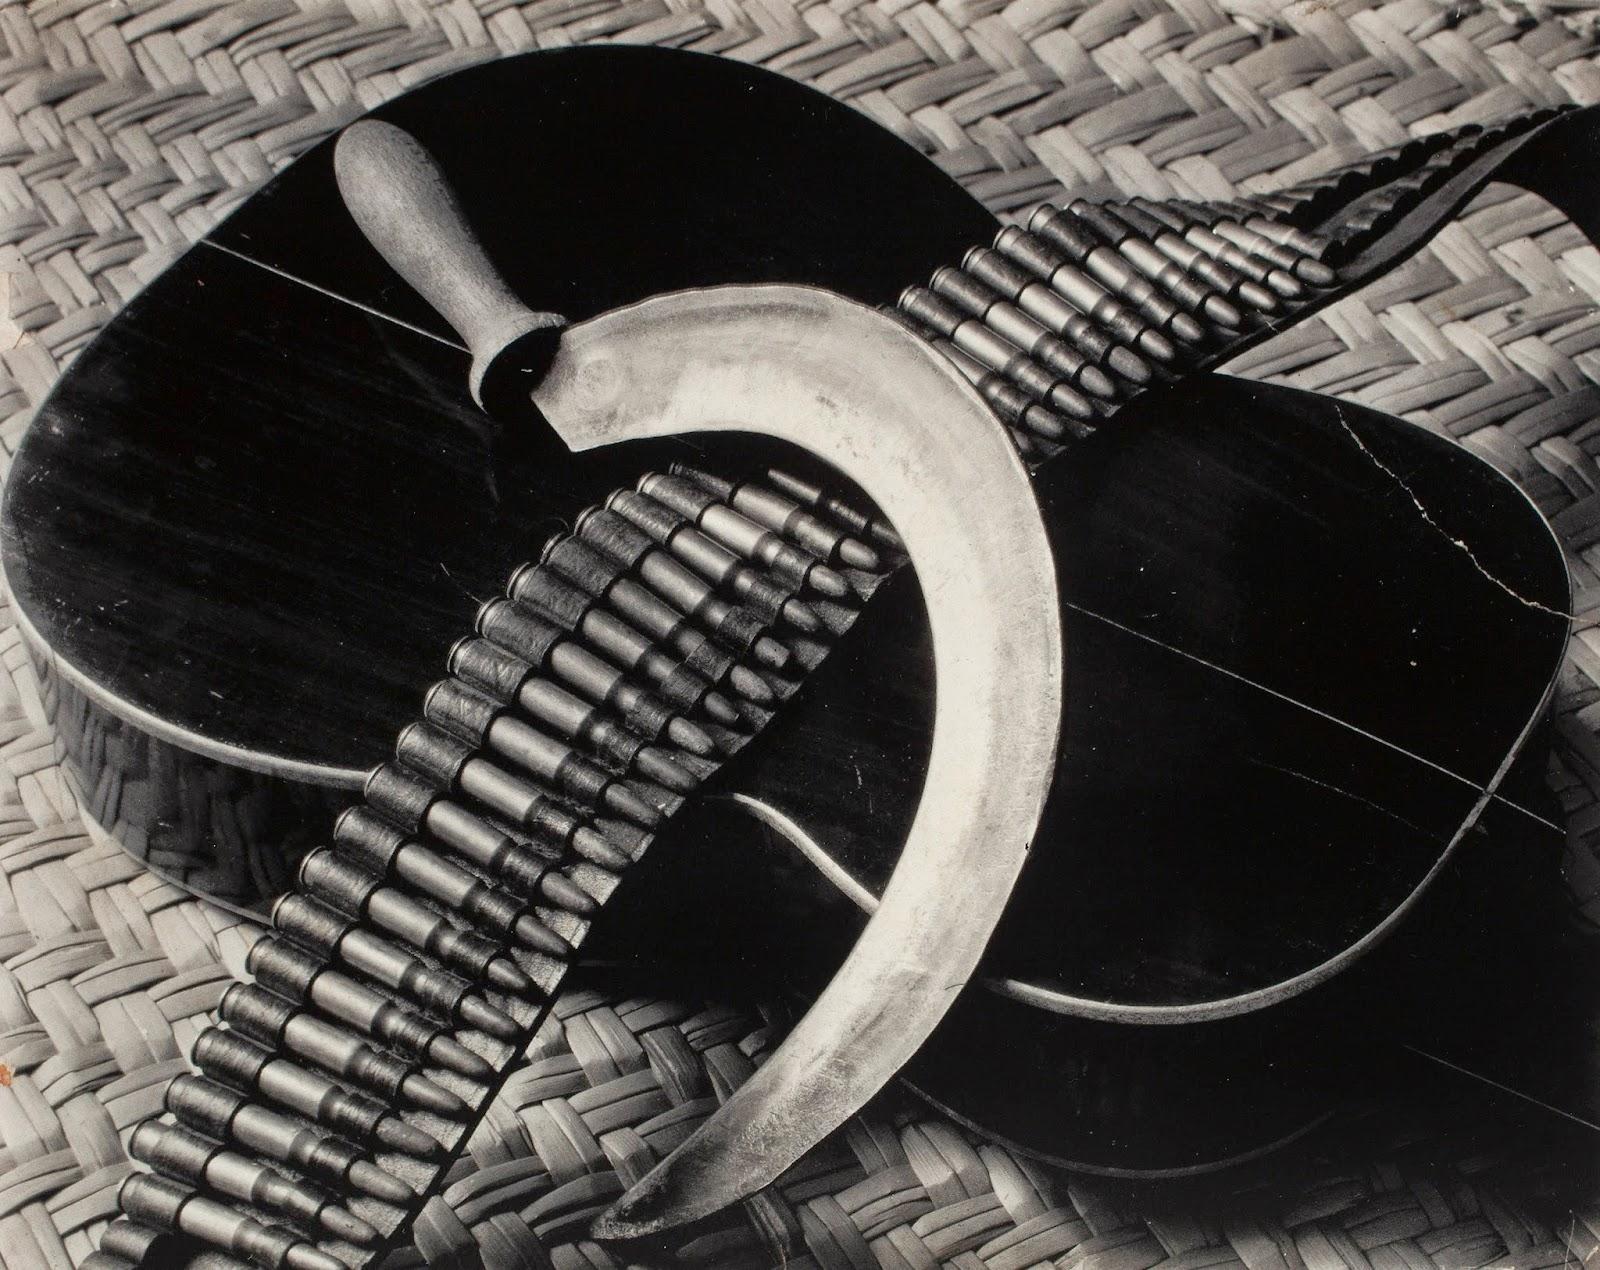 T. MODOTTI (1896-1942), Guitare, faucille et cartouchière, 1927-1928, Illustration de l'annonce pour la chanteuse communiste Concha Michel, publiée dans El Machete, n°168, 1er juin 1929, épreuve gélatino-argentique, 19 x 24 cm, Mexico, Museo Nacional de Arte